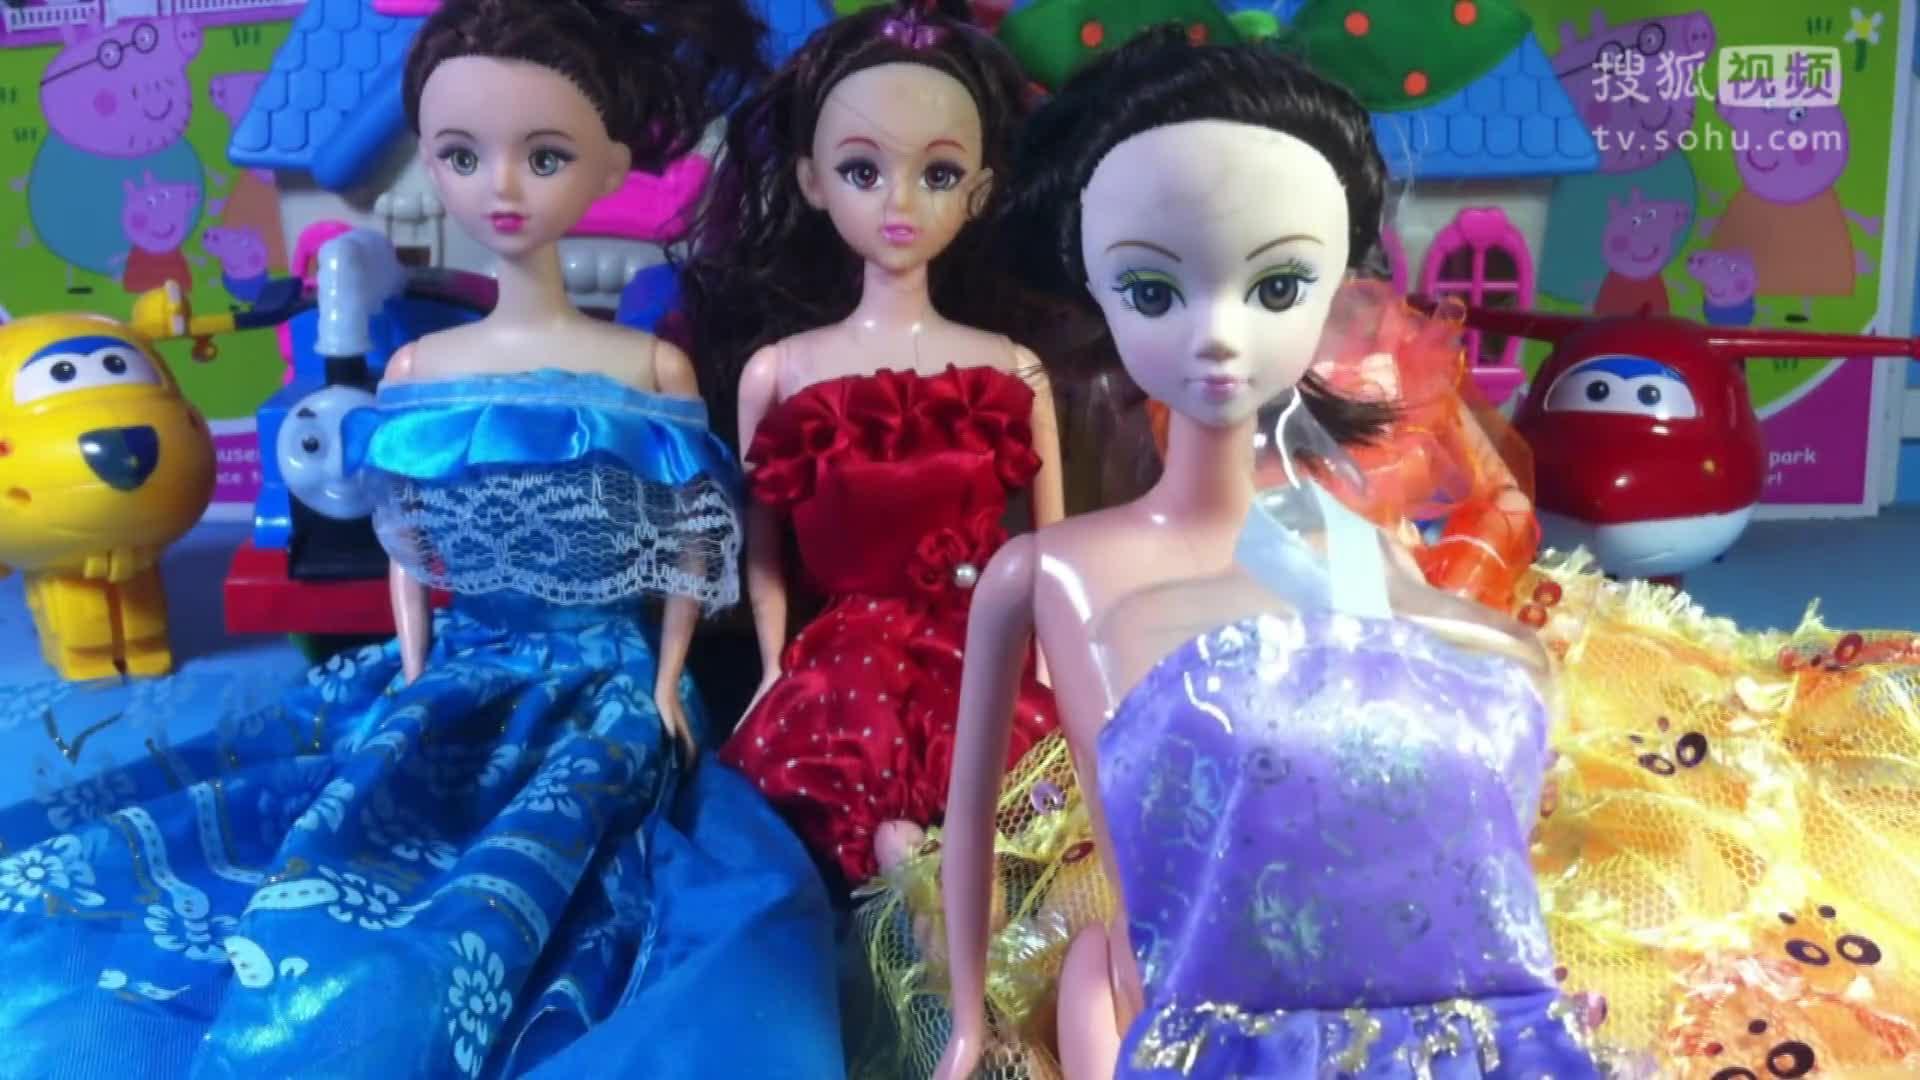 芭比公主换装化妆小游戏 芭比芭比娃娃芭比公主 芭比之梦想豪宅 .